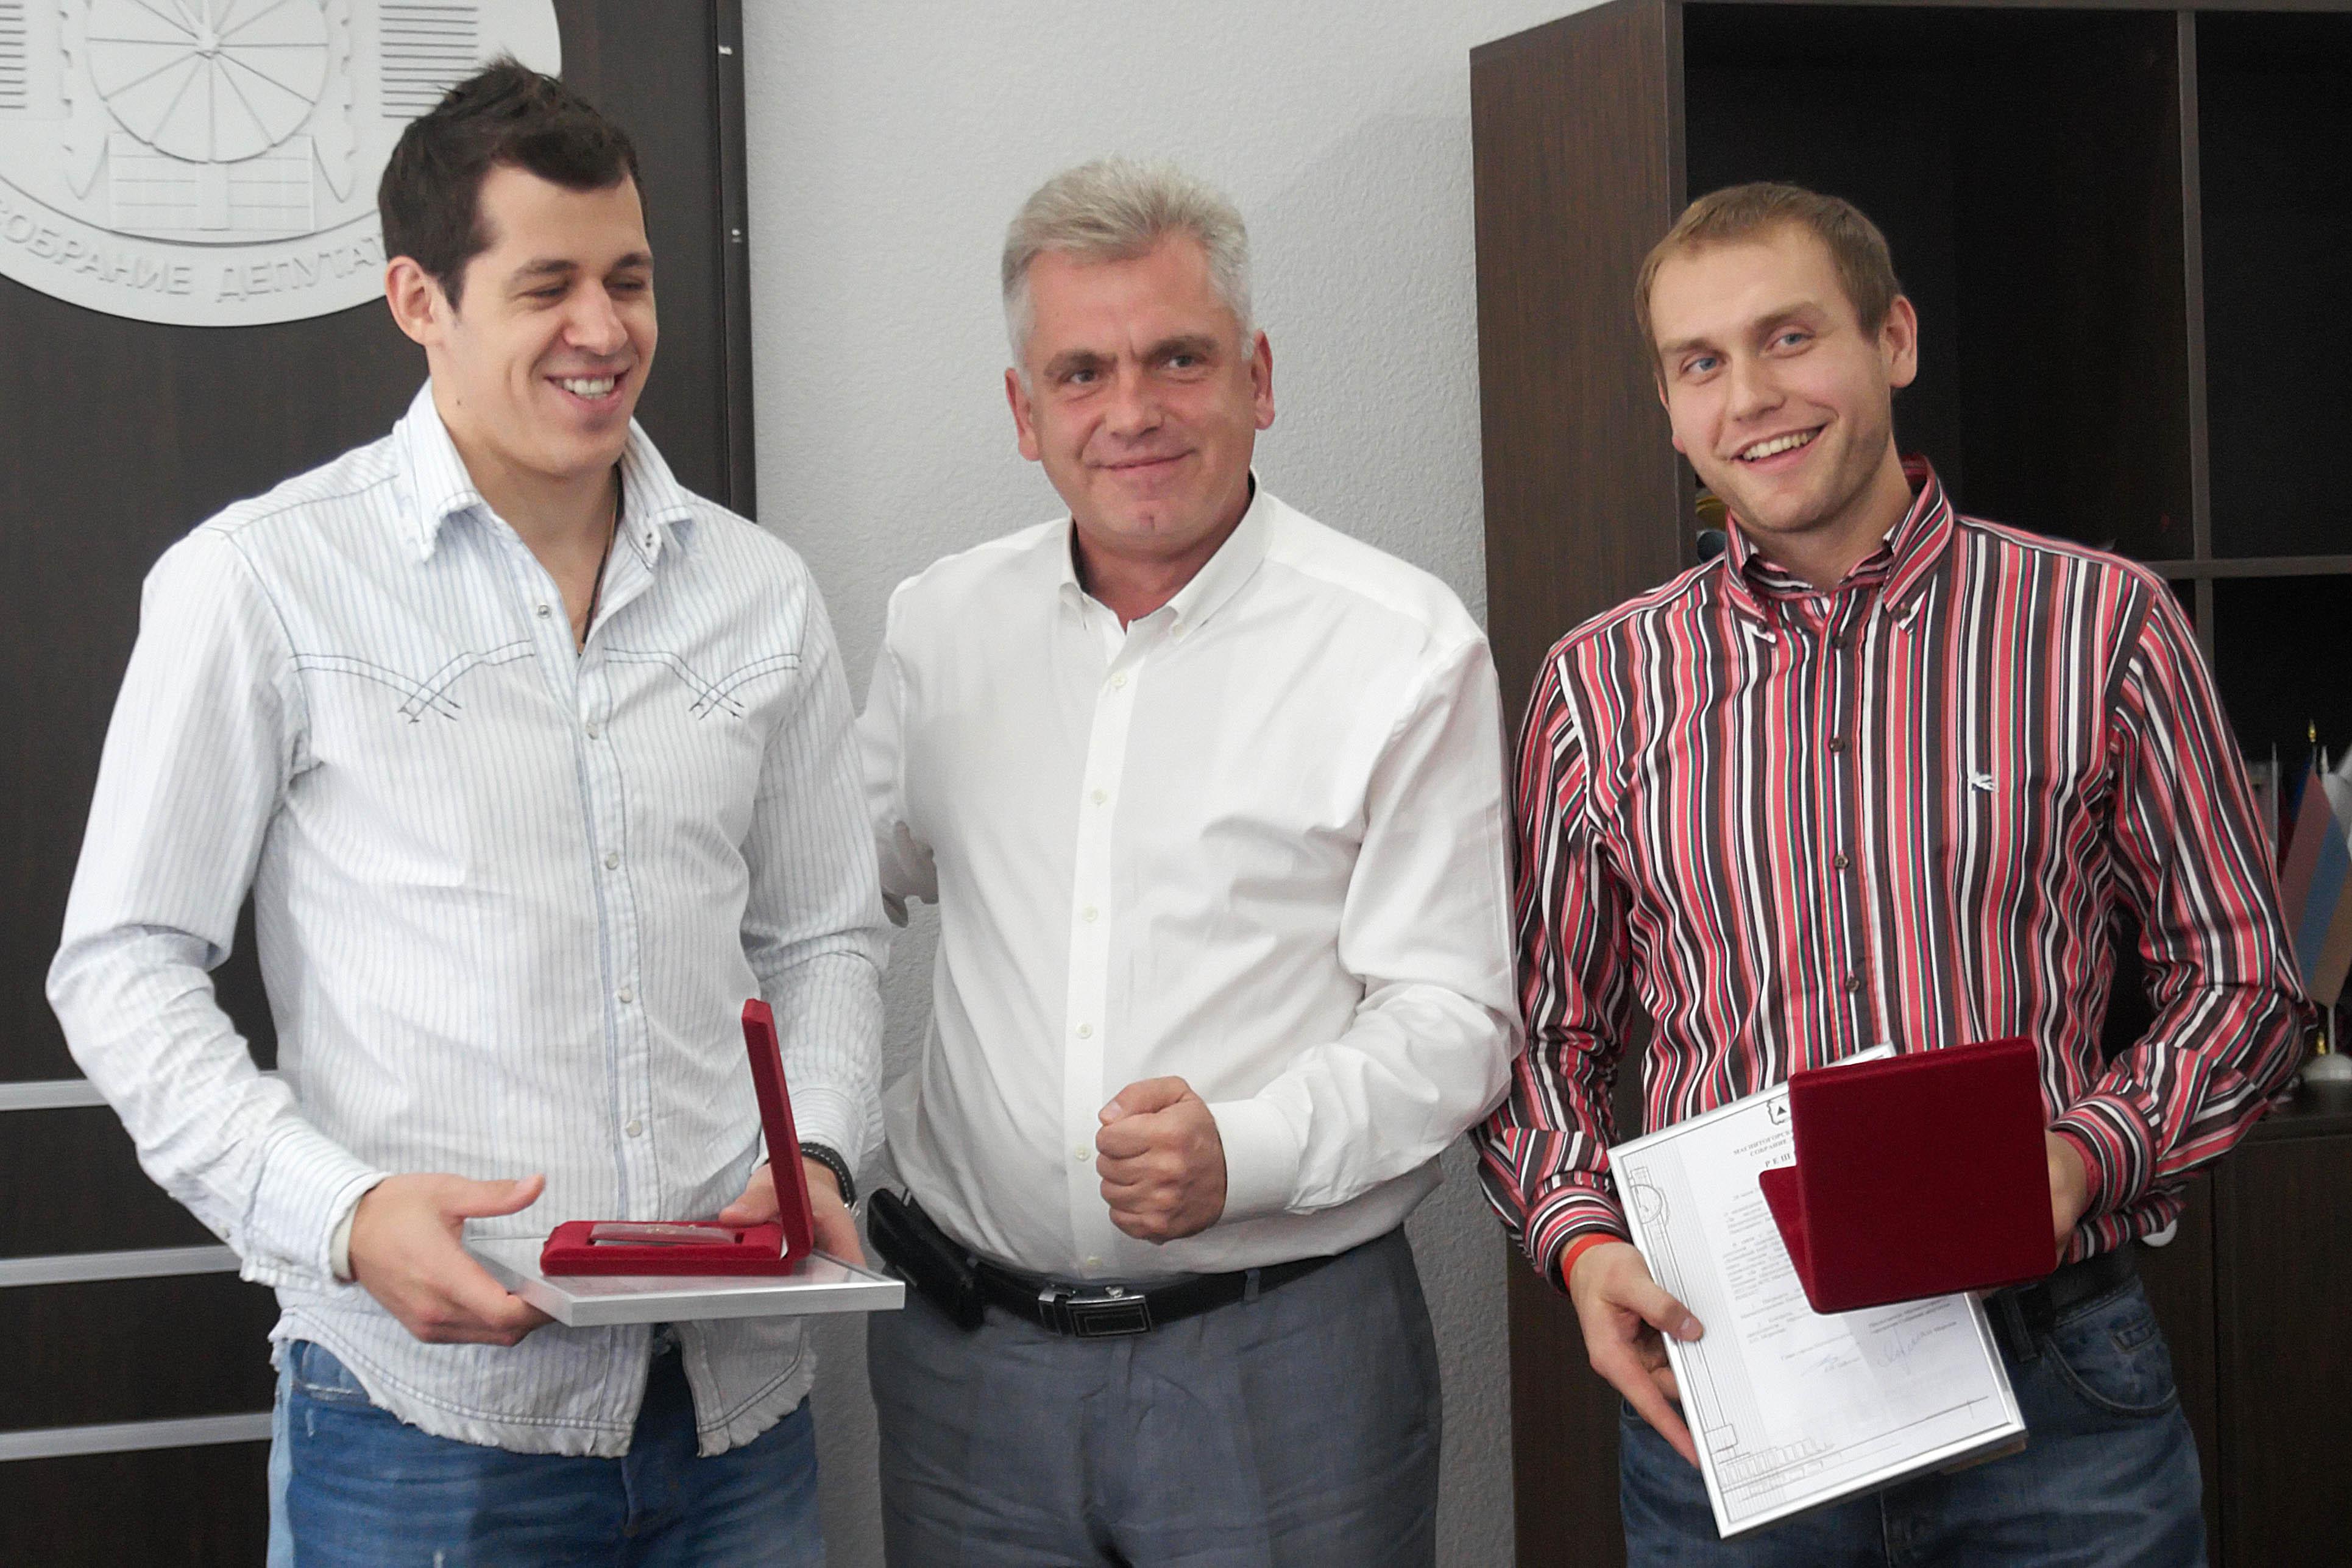 Награда учреждена городским Собранием депутатов Магнитогорска в апреле